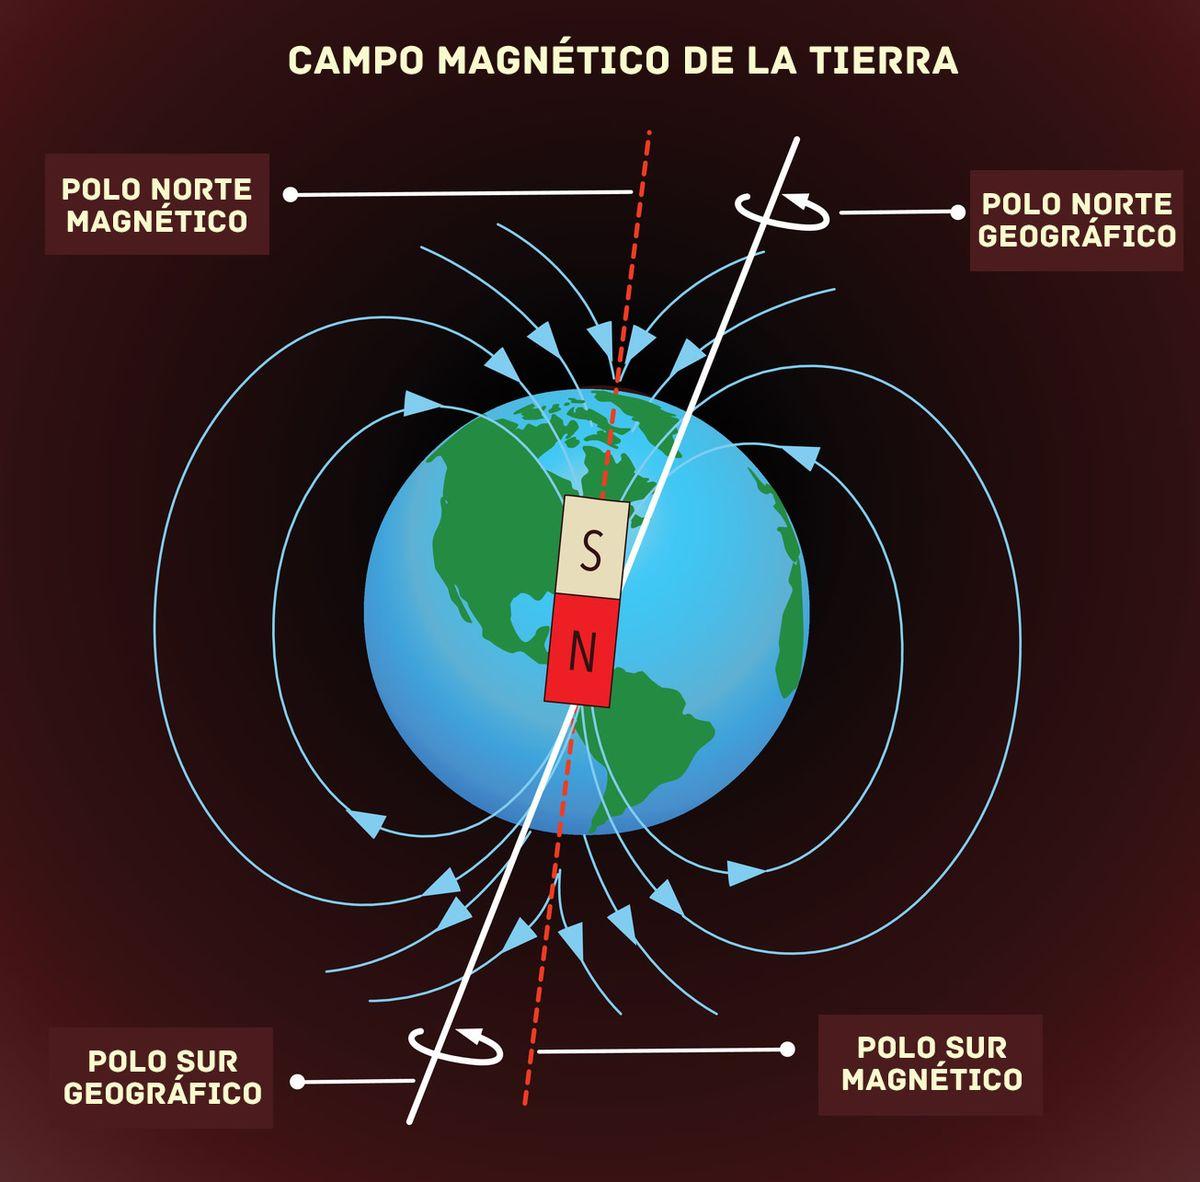 Campo magnético terrestre - EcuRed